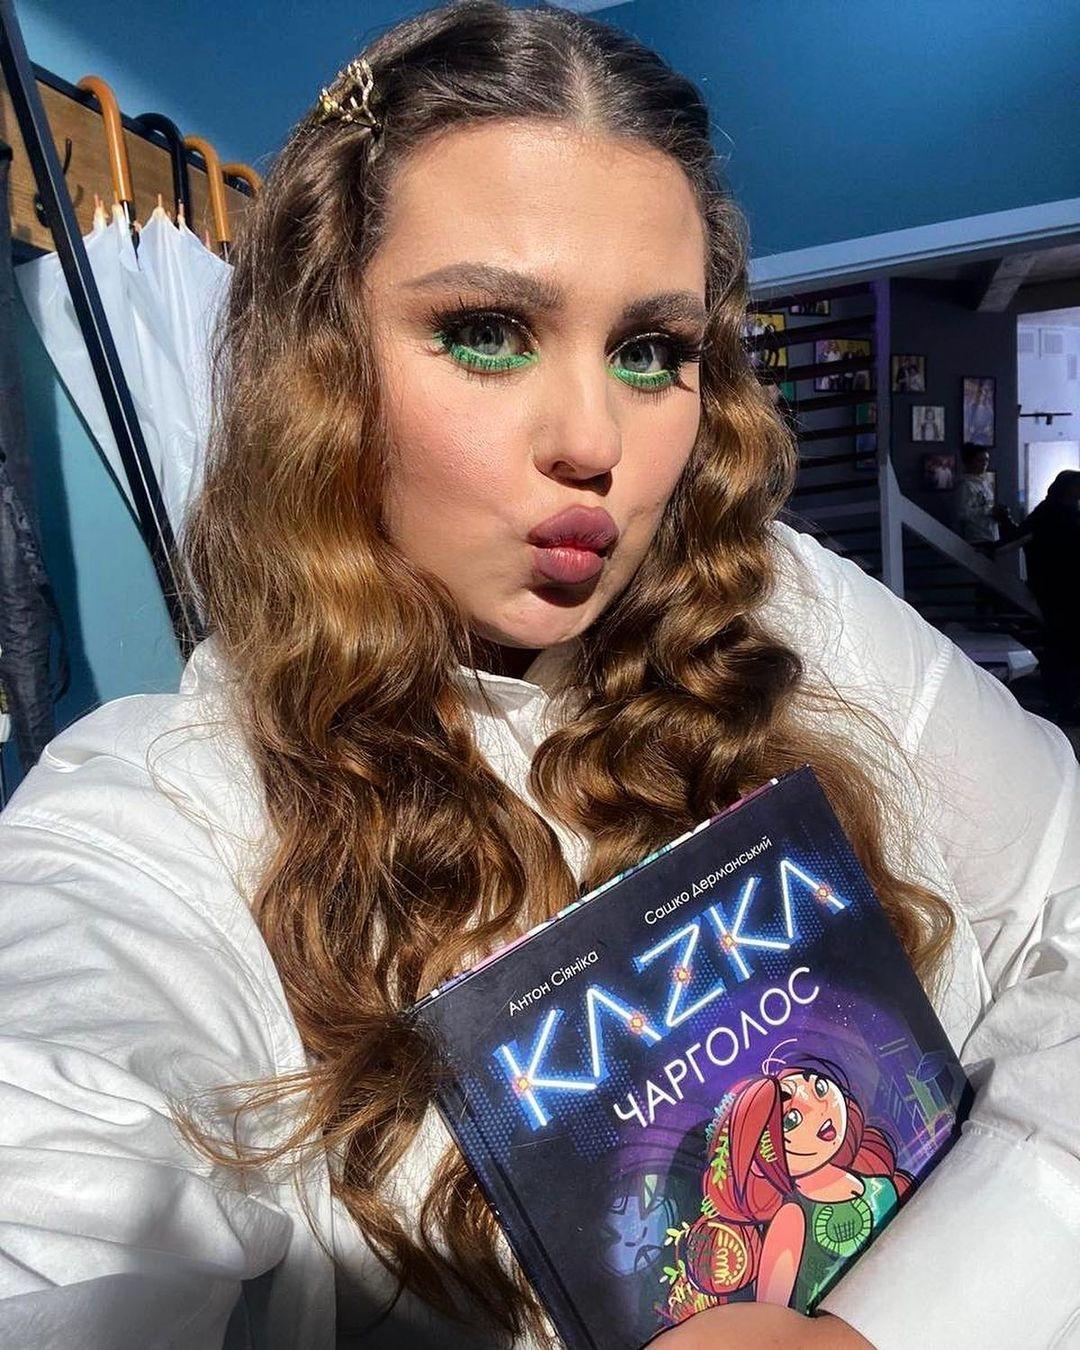 """Группа KAZKA выпустила детскую книгу, в которой персонажи """"оживают"""" в дополненной реальности - фото №2"""